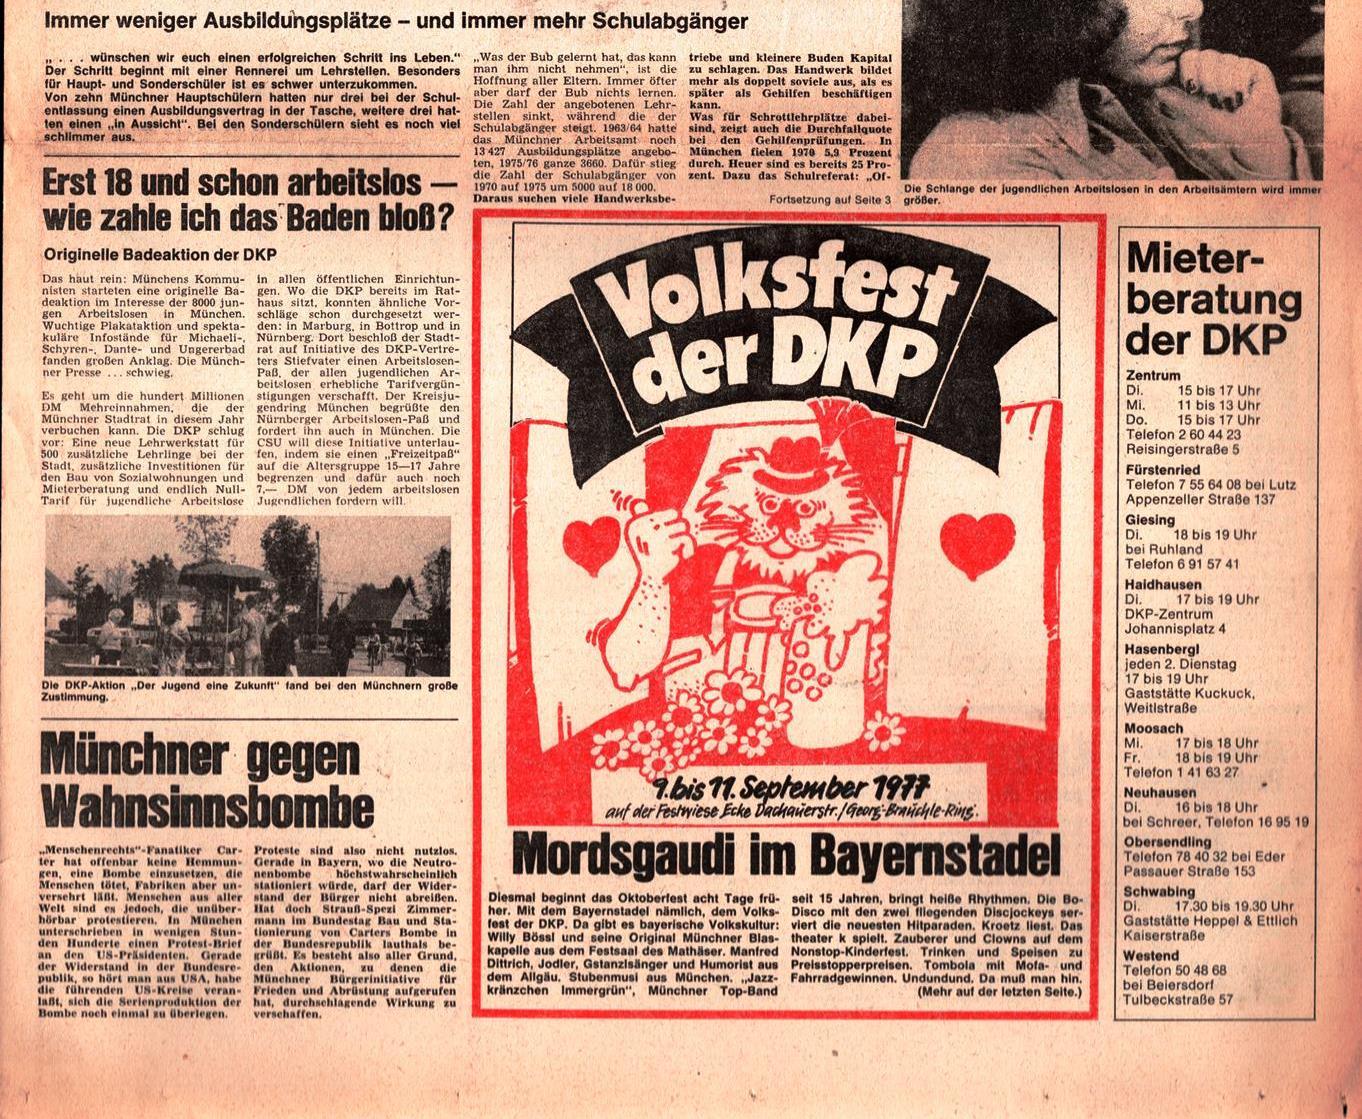 Muenchen_DKP_Neues_Muenchen_19770900_009_002